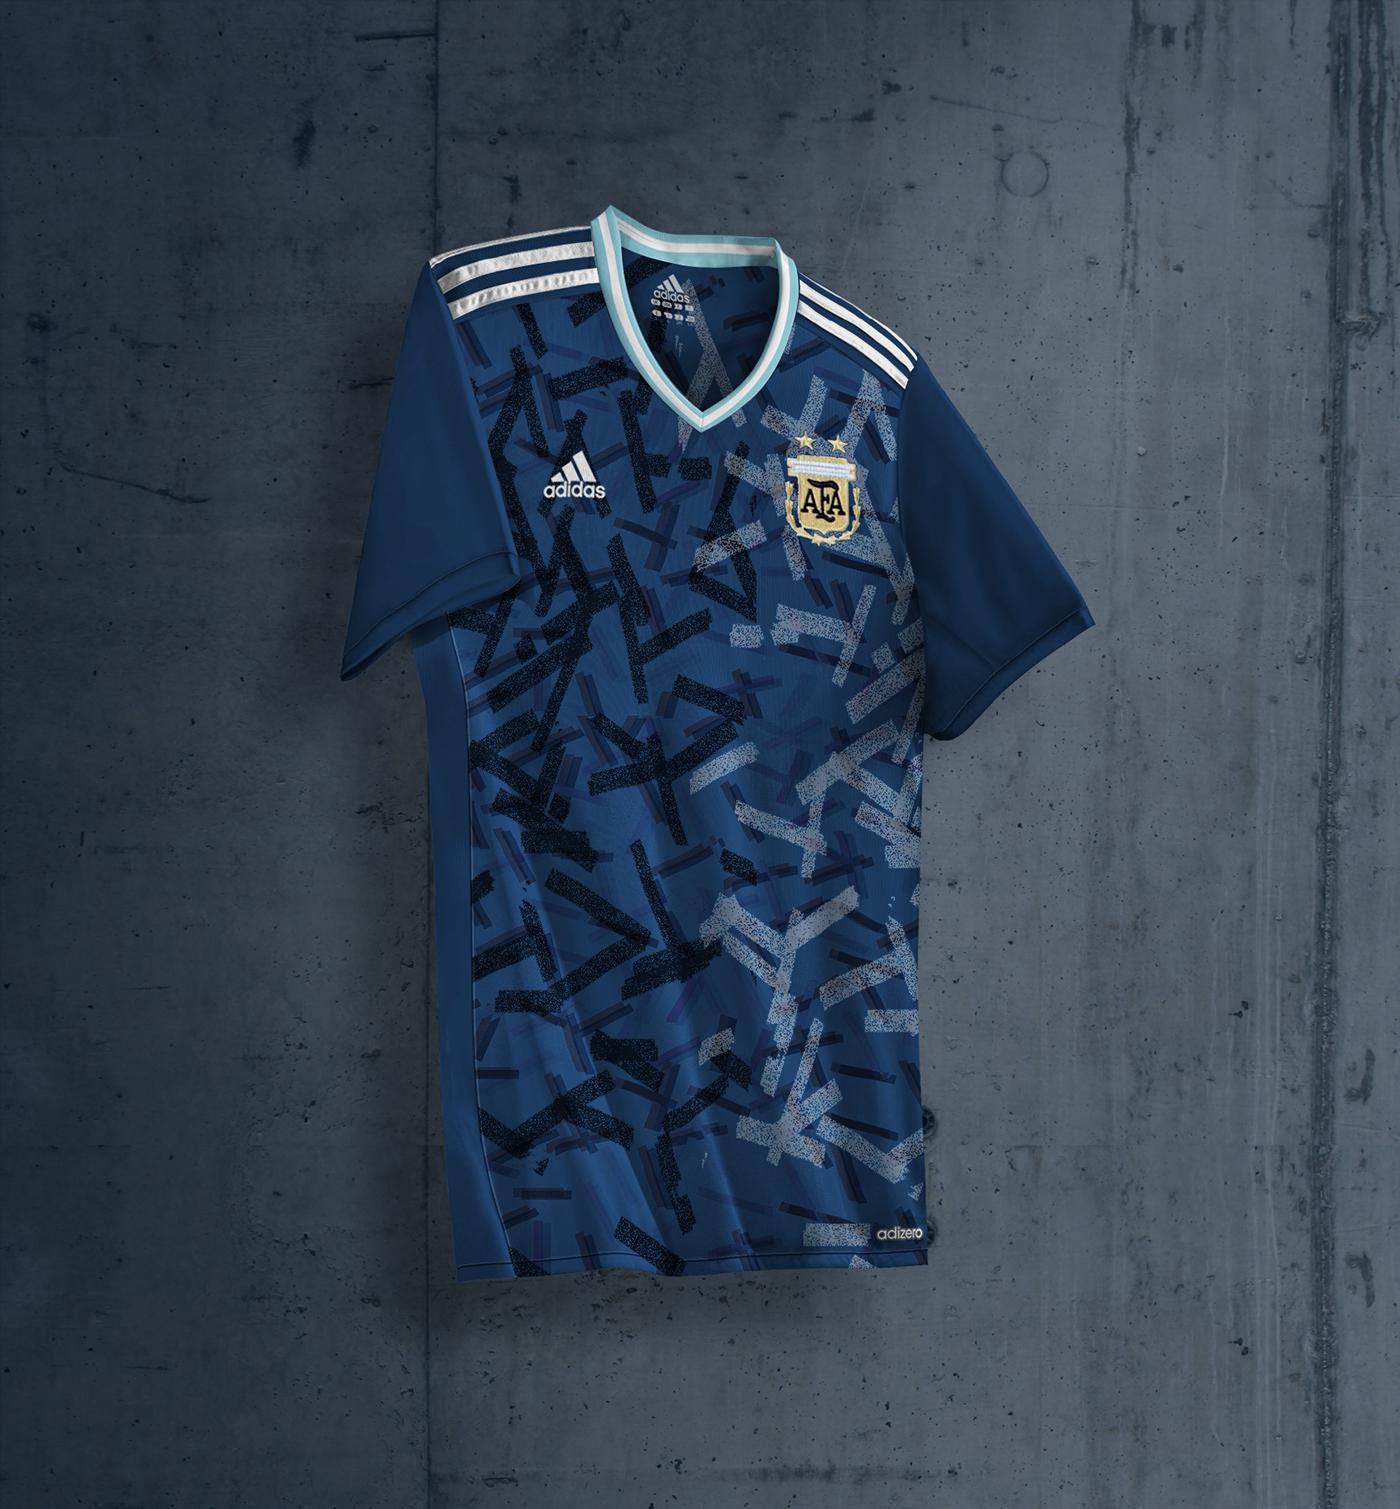 Talisman & Co. | Argentina Concept Kit